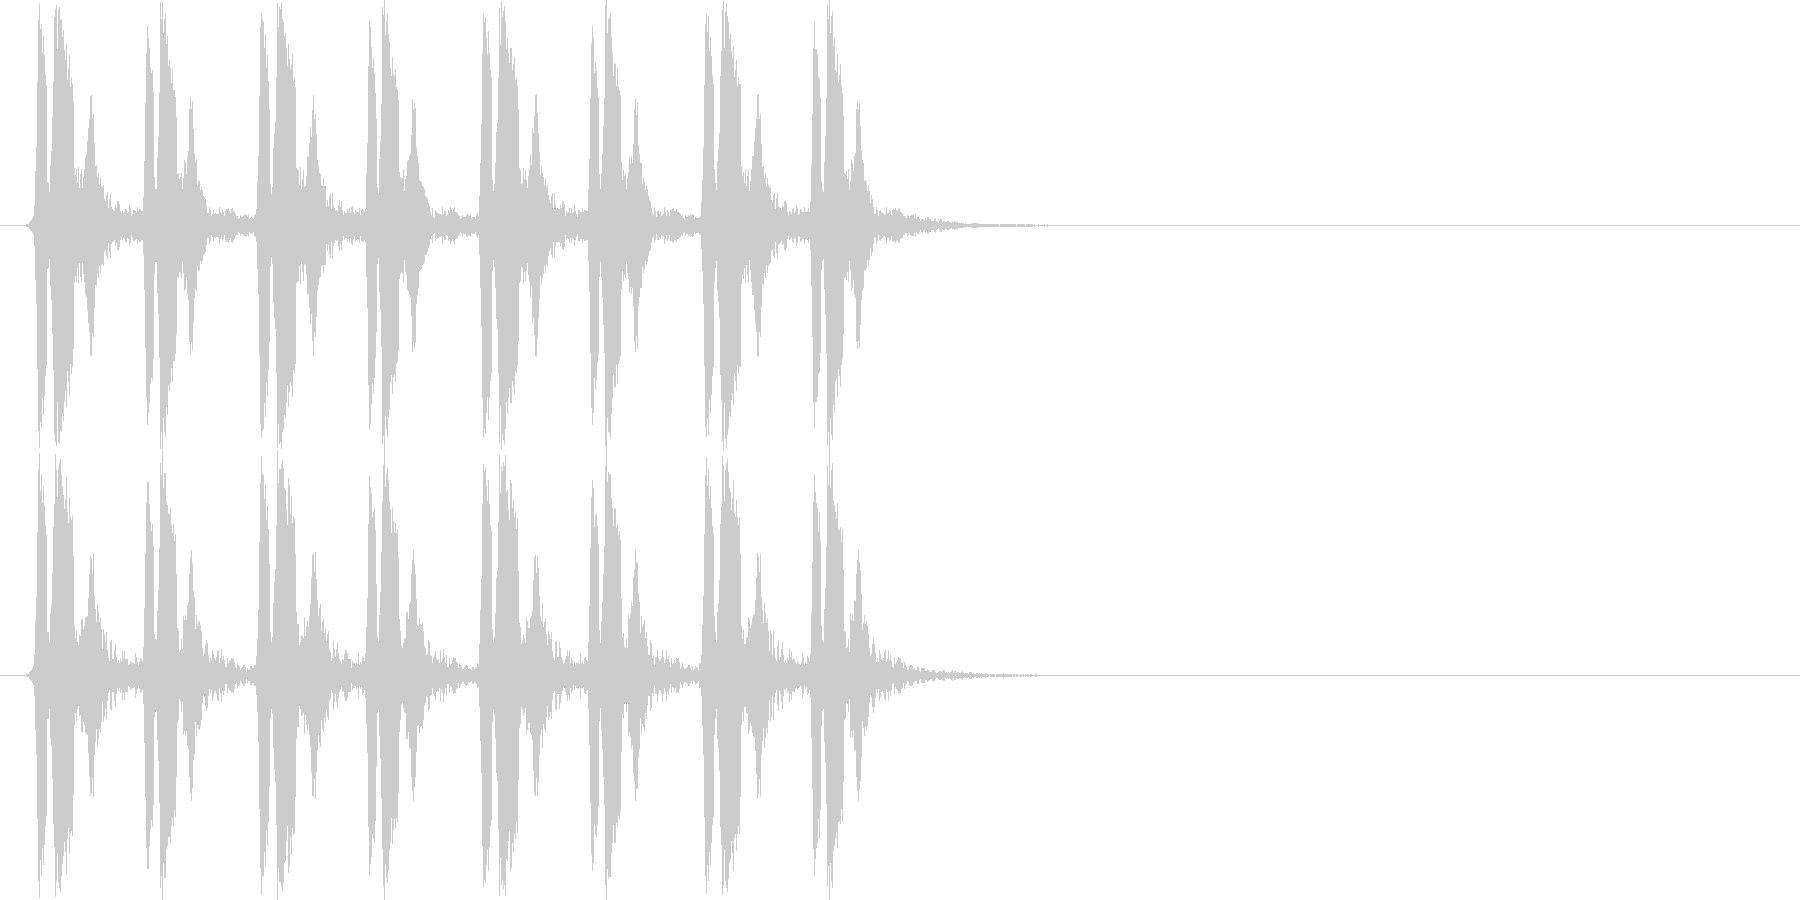 ぴよぴよぴよぴよ(混乱状態、遅め)の未再生の波形